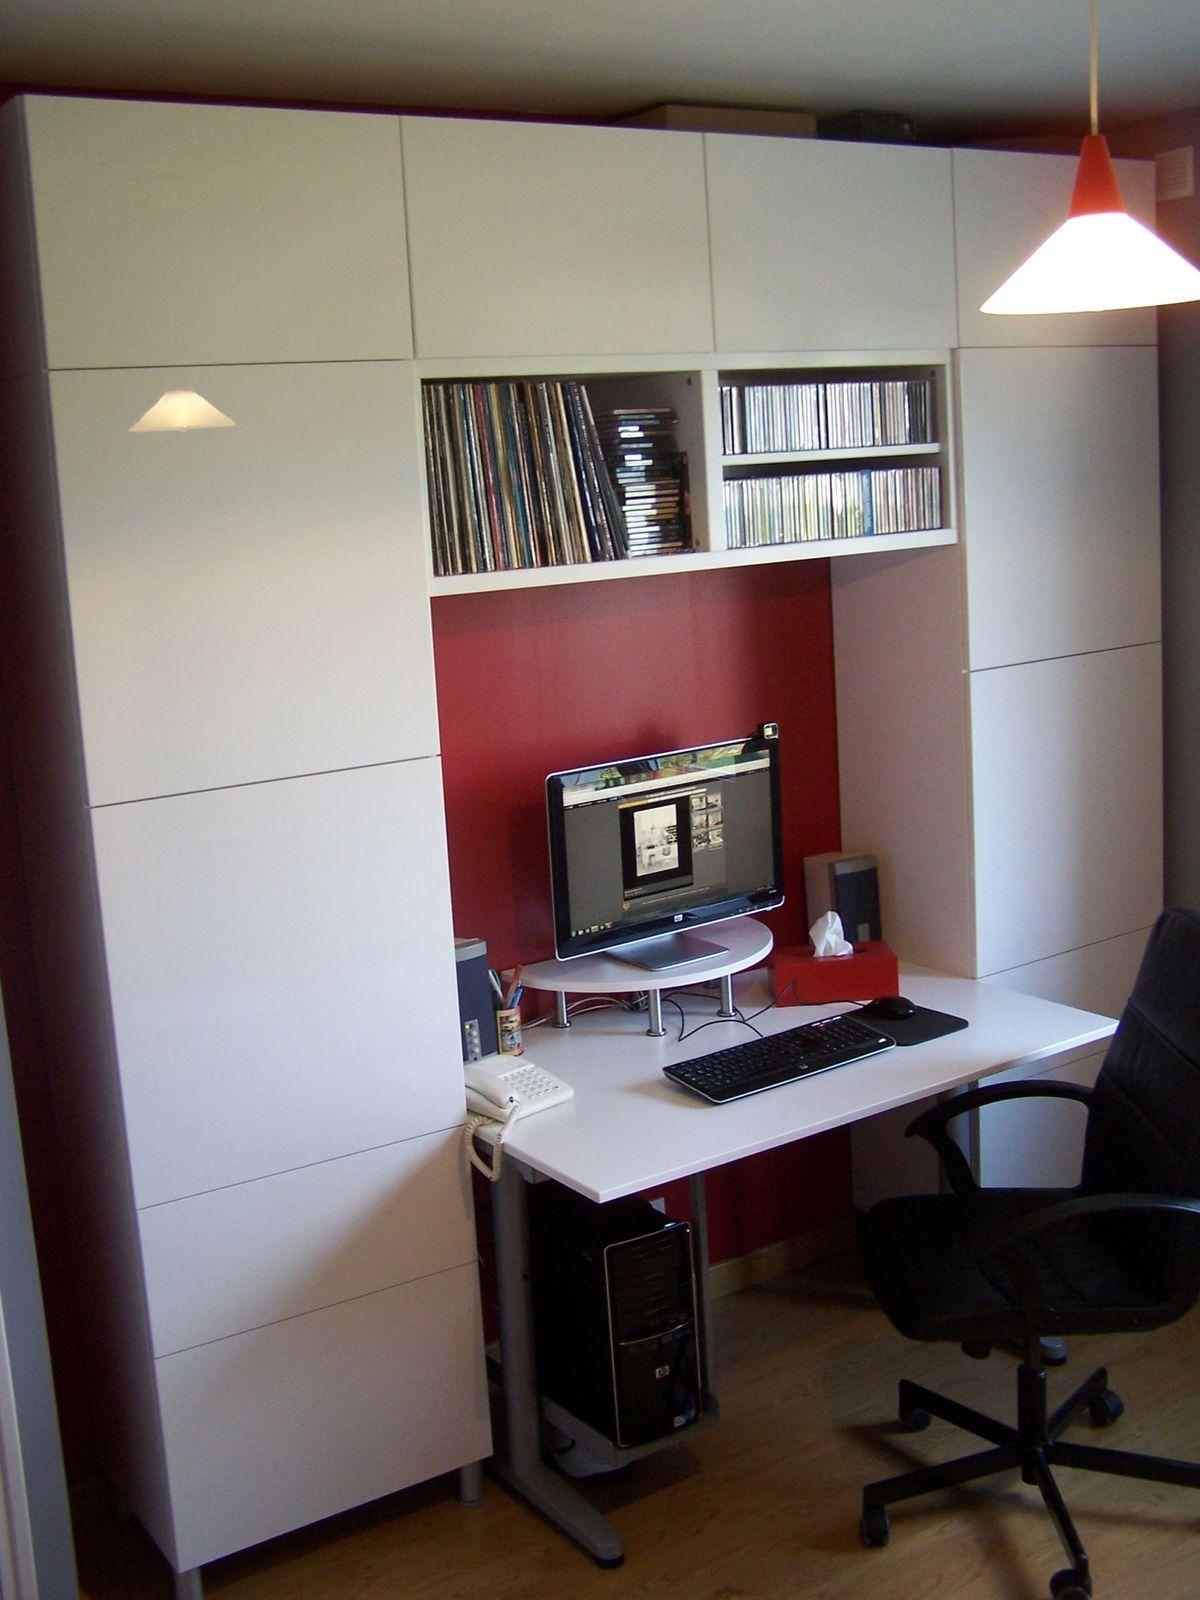 aménagement d'une chambre parents + bébé de 11,6m² Realisations-clients-gamme-Besta--55-